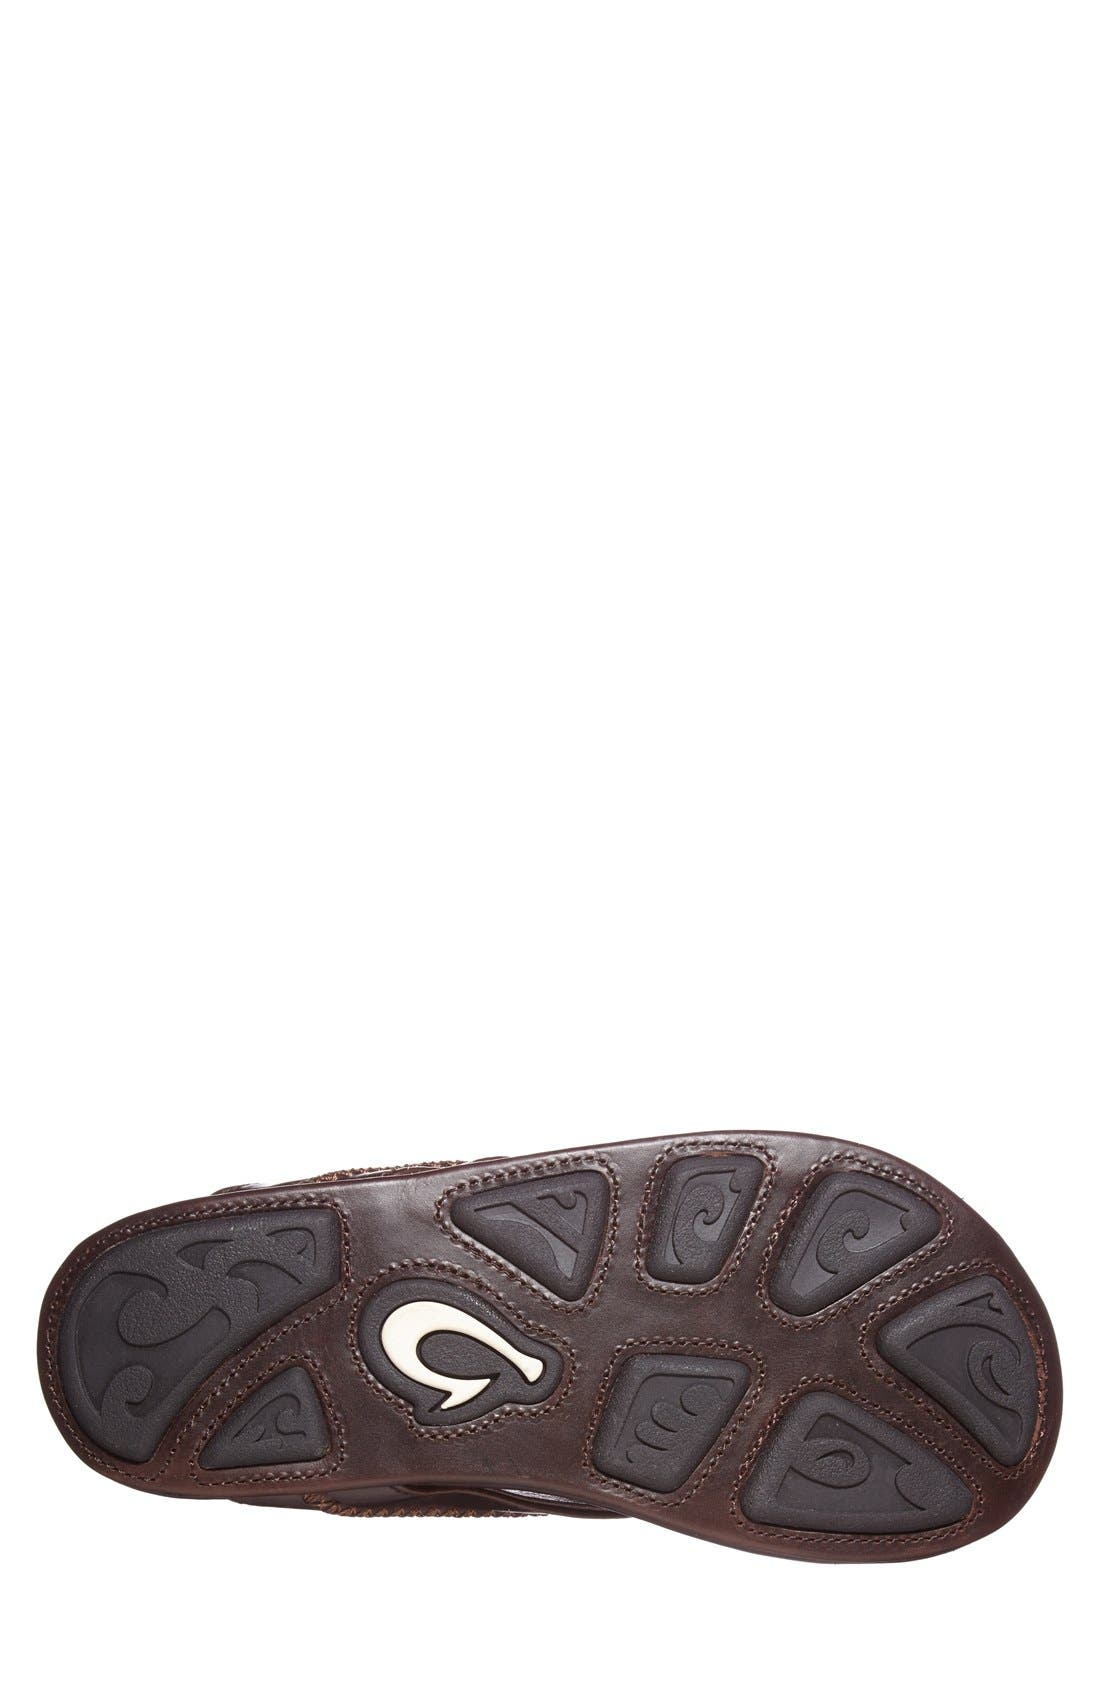 Mea Ola Flip Flop,                             Alternate thumbnail 4, color,                             Dark Java/ Dark Java Leather